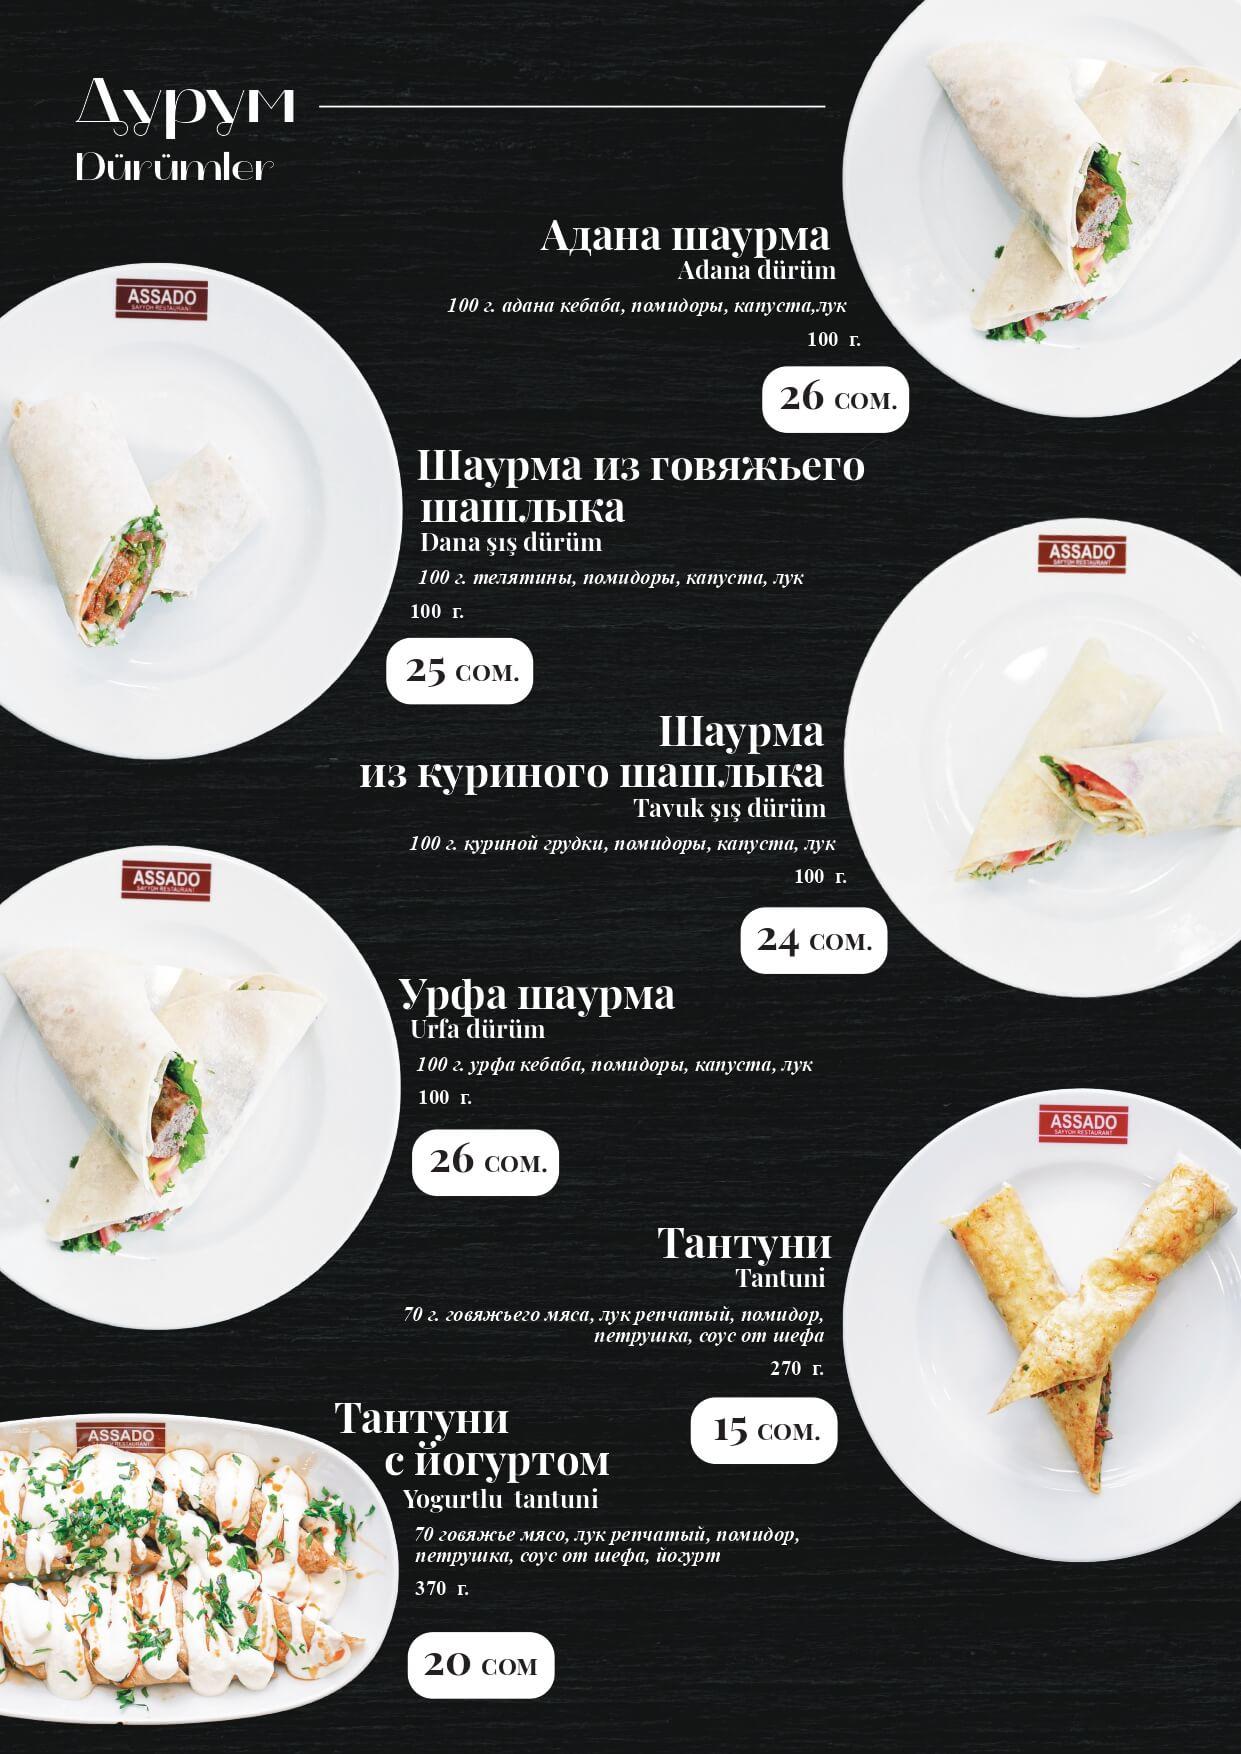 Assado_menu_page-0025